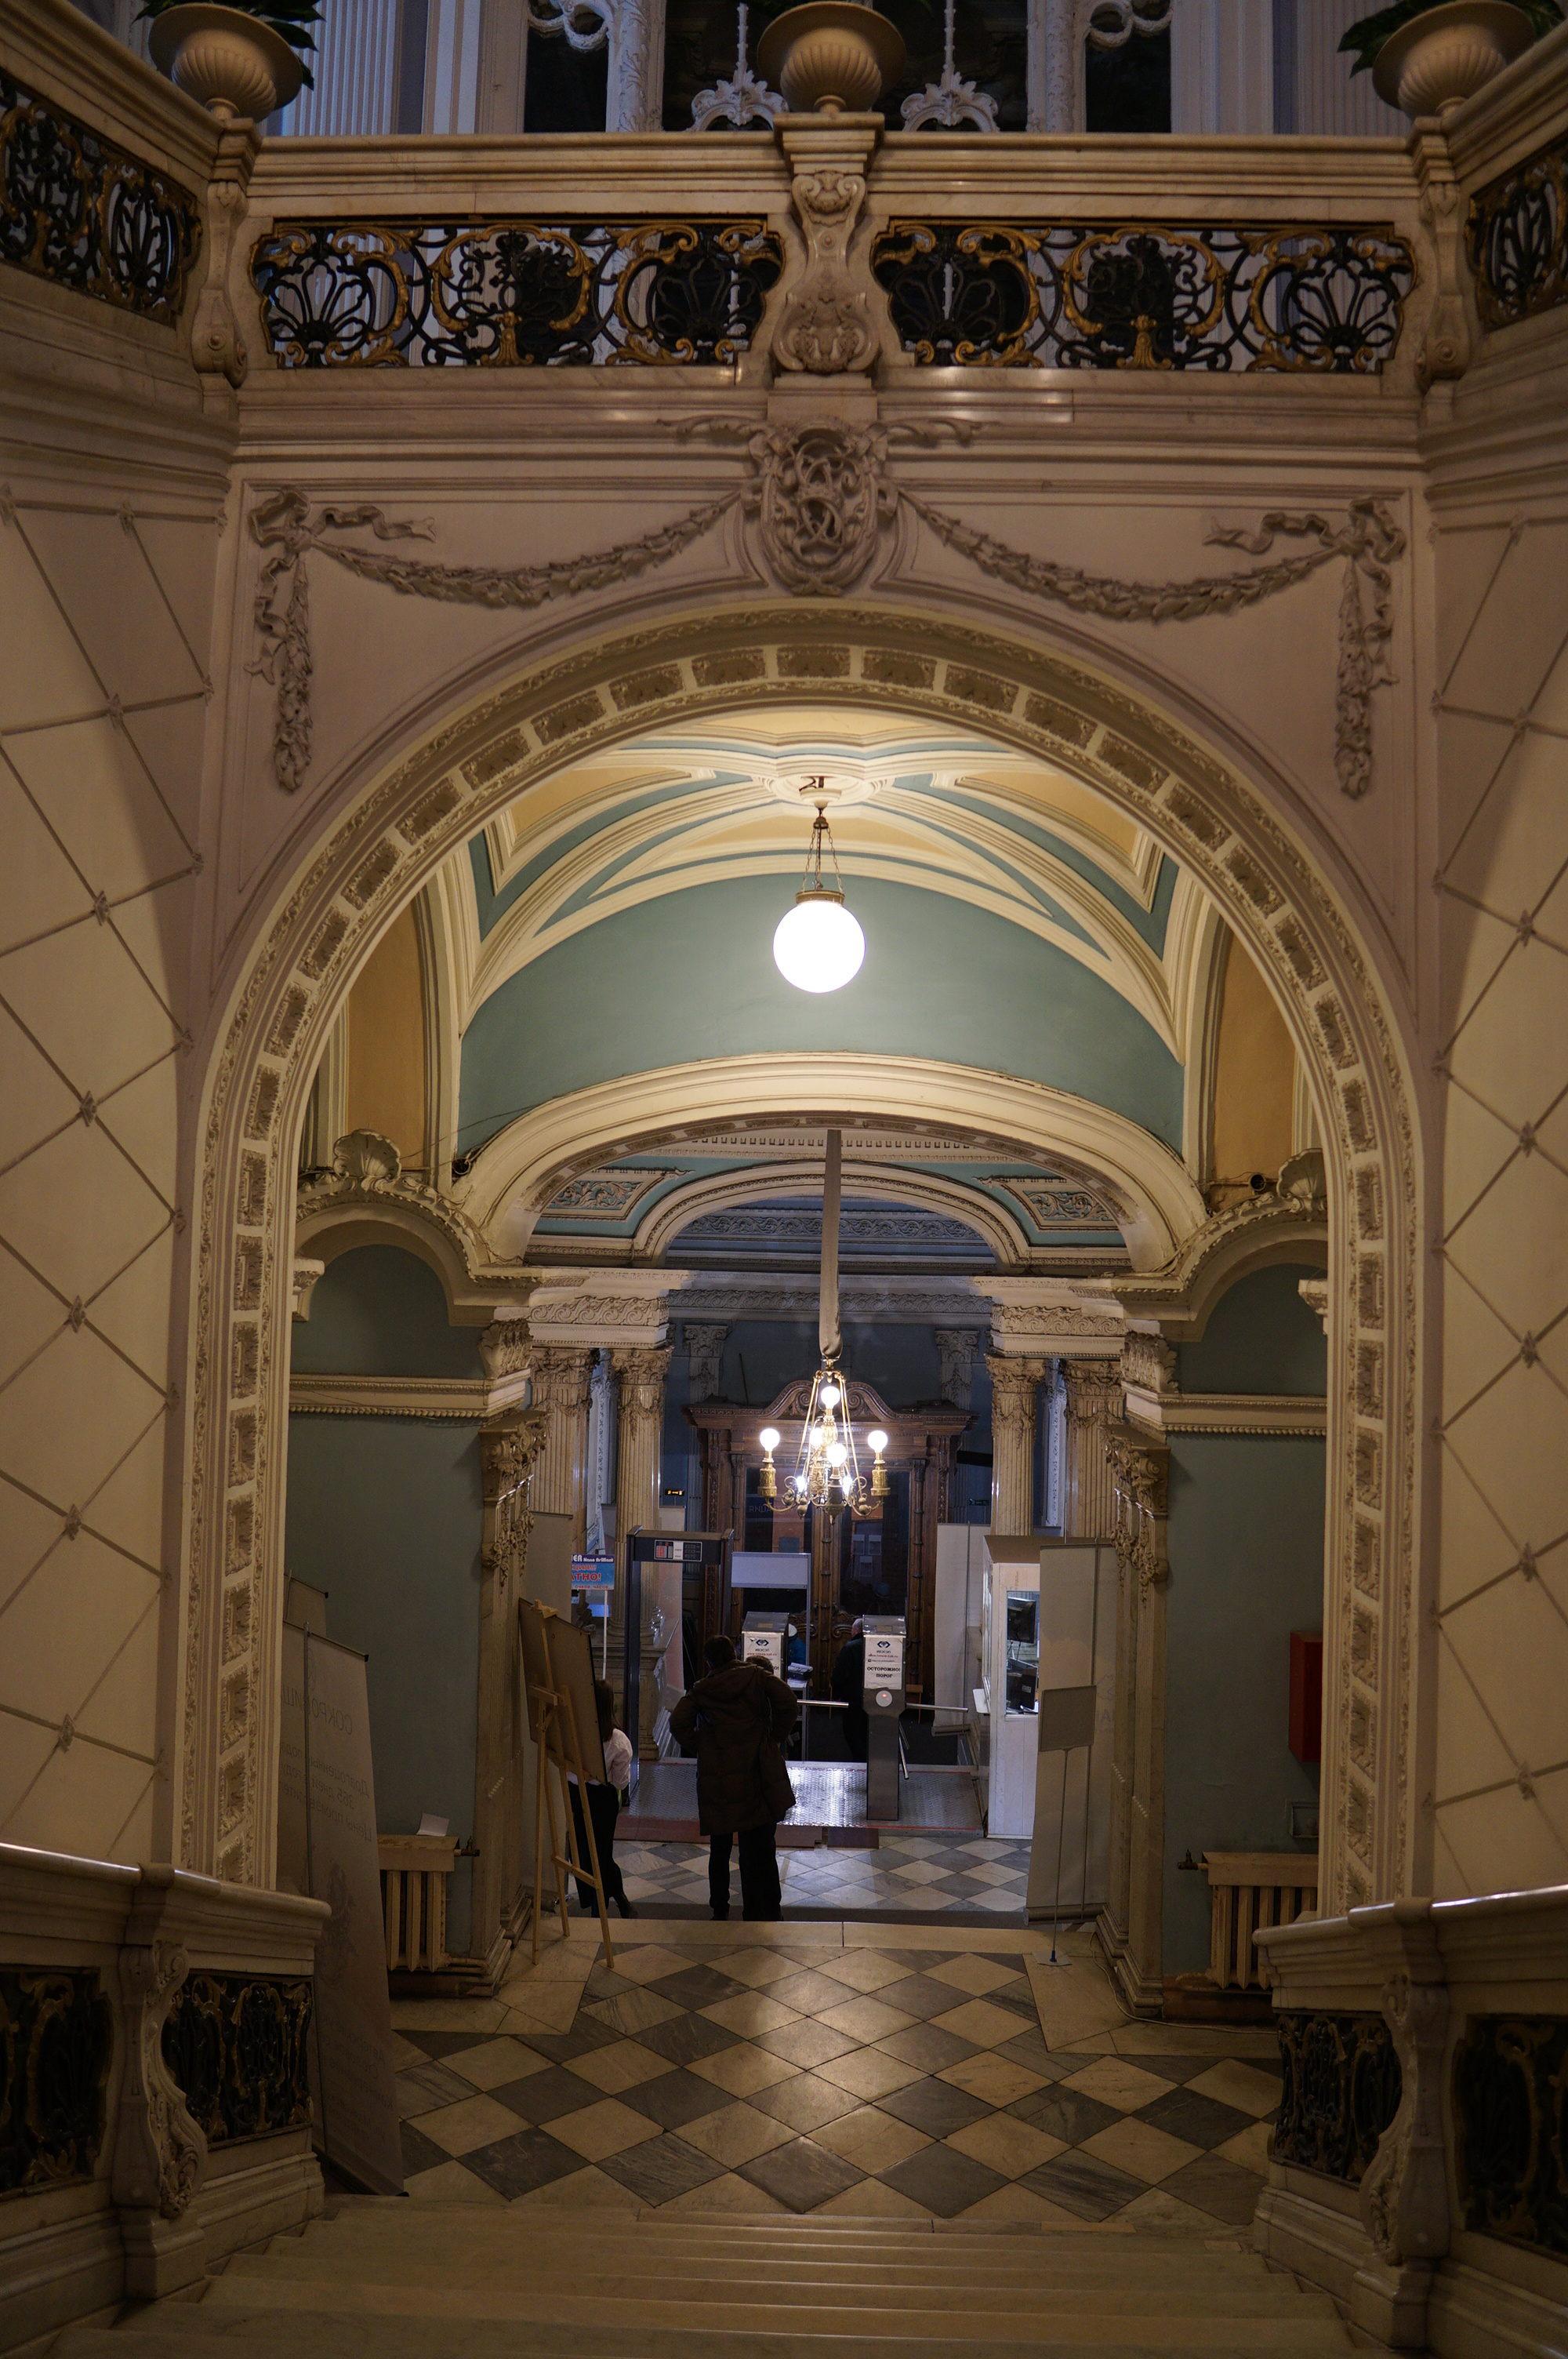 Оформление парадных залов литейного особняка